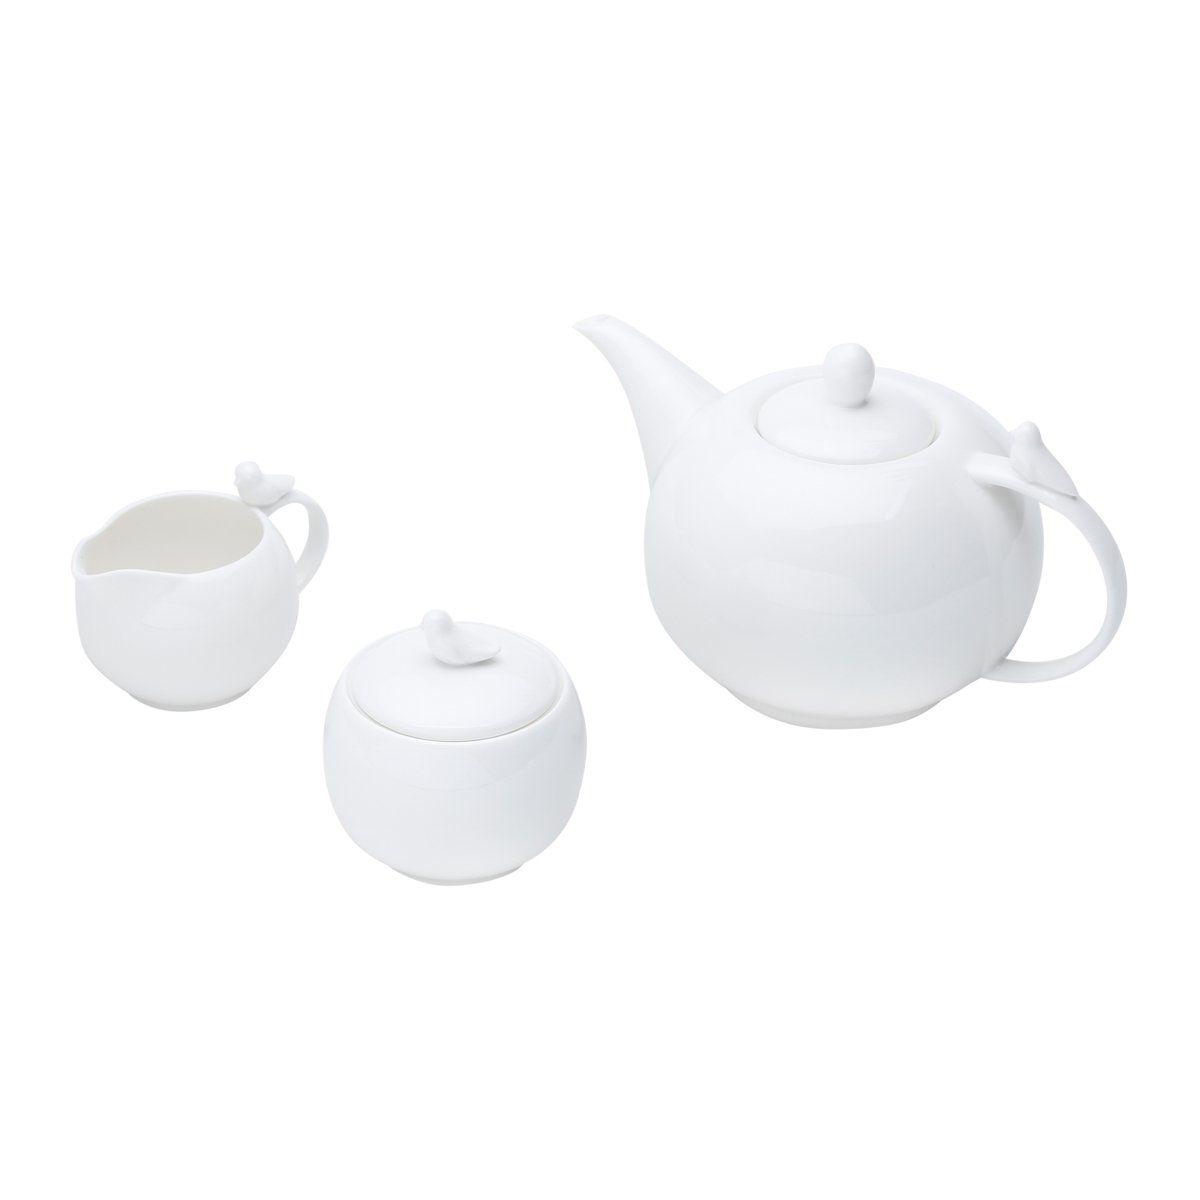 Conjunto 3 peças para café de porcelana branca Birds Wolff - 17238